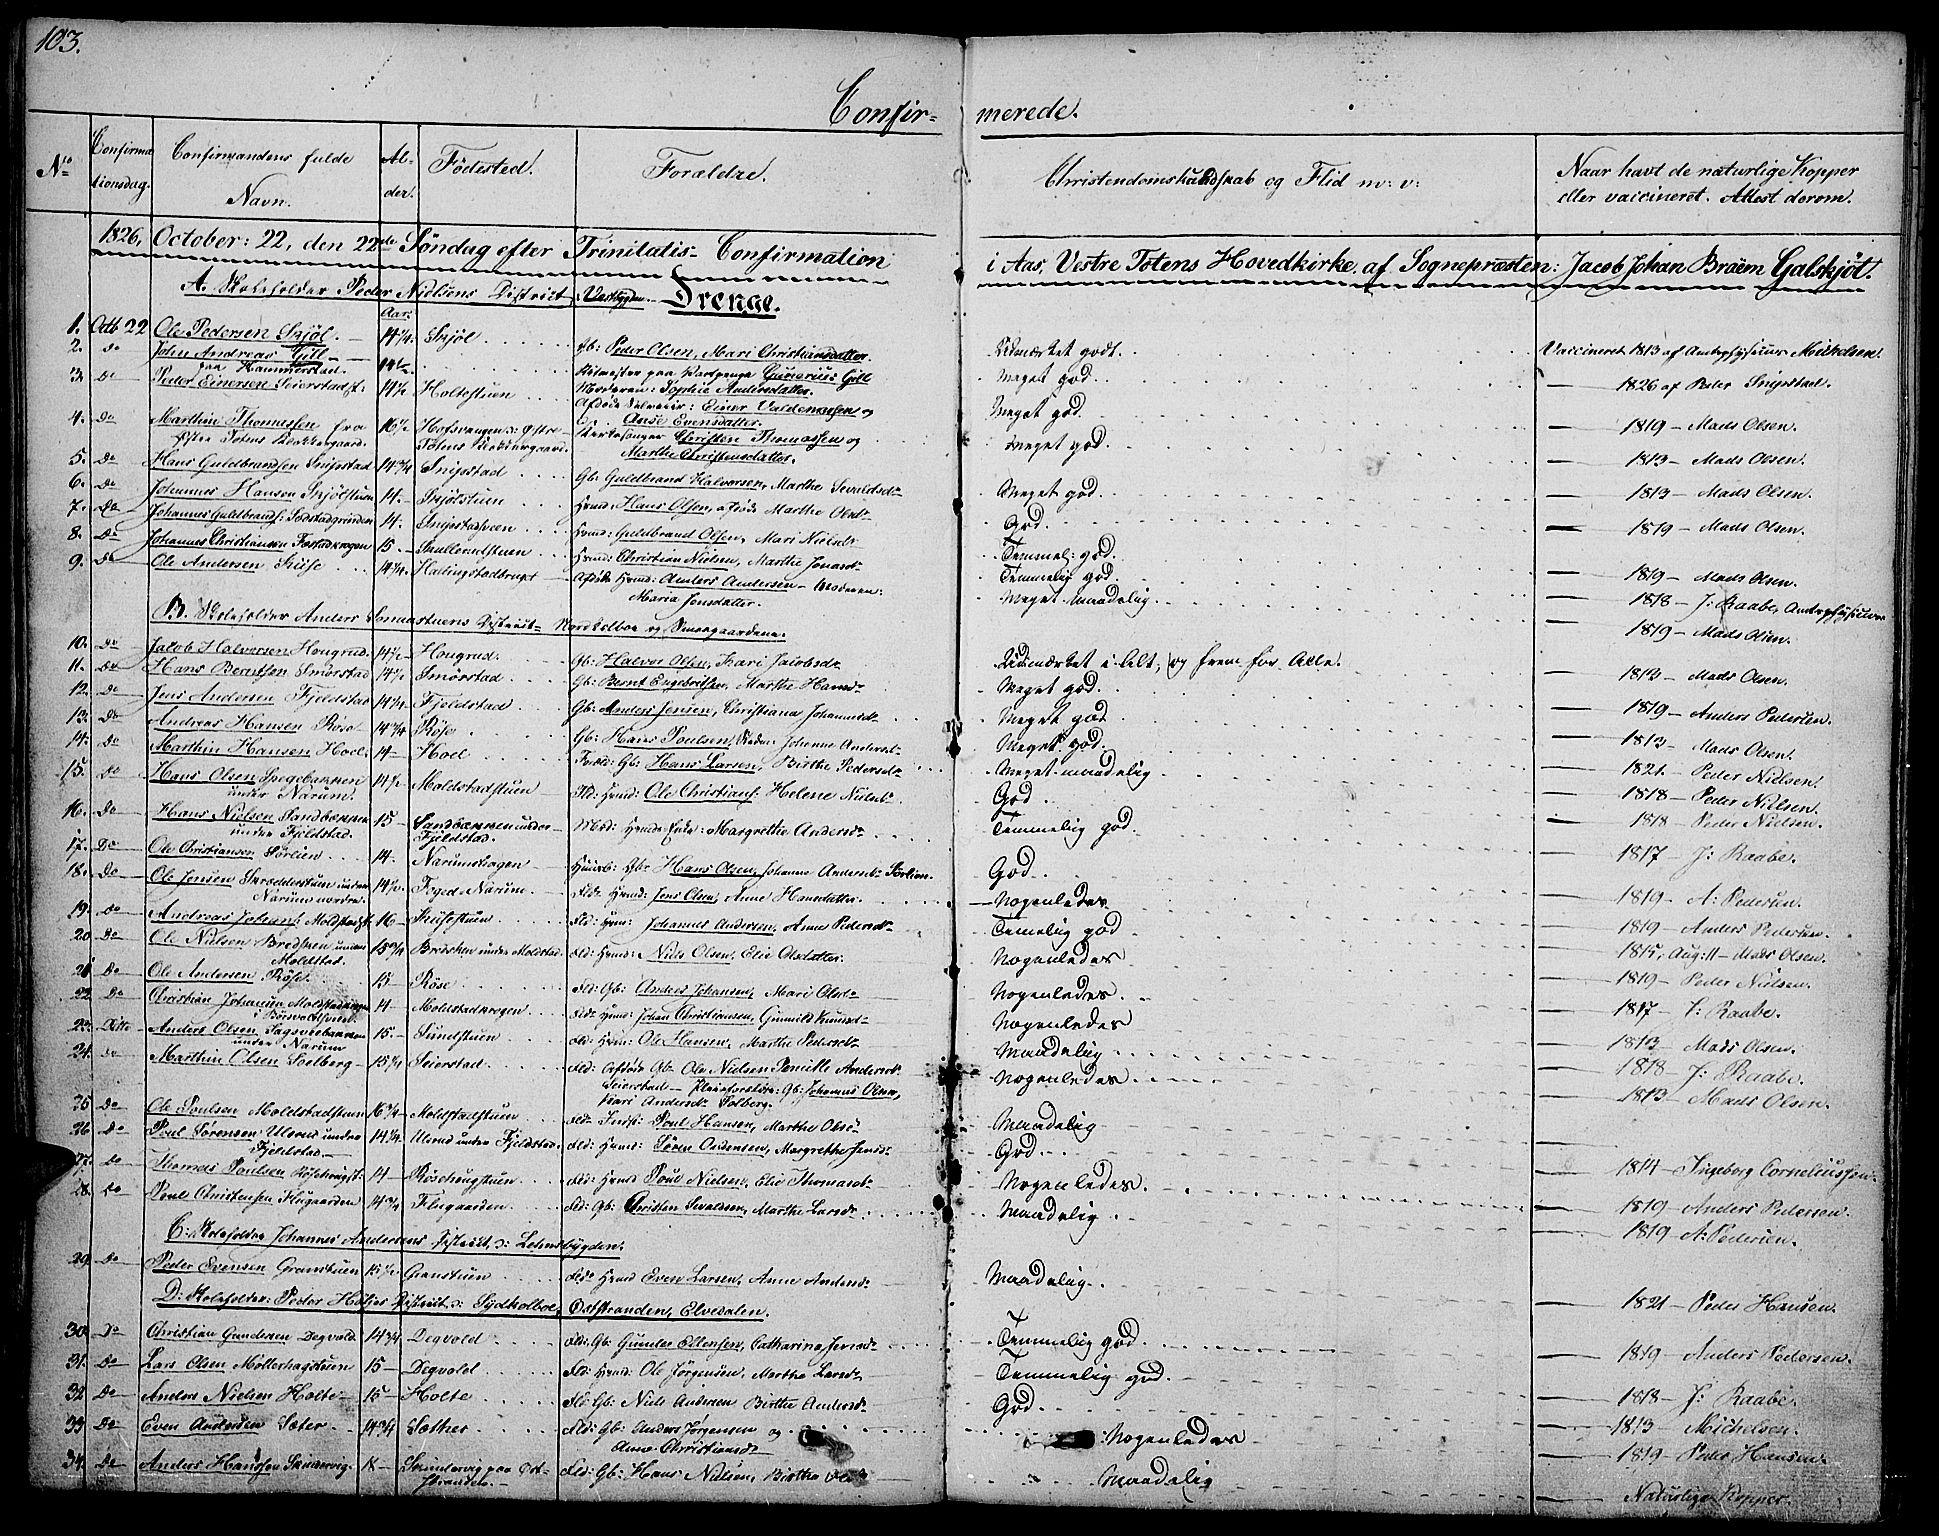 SAH, Vestre Toten prestekontor, Ministerialbok nr. 2, 1825-1837, s. 103